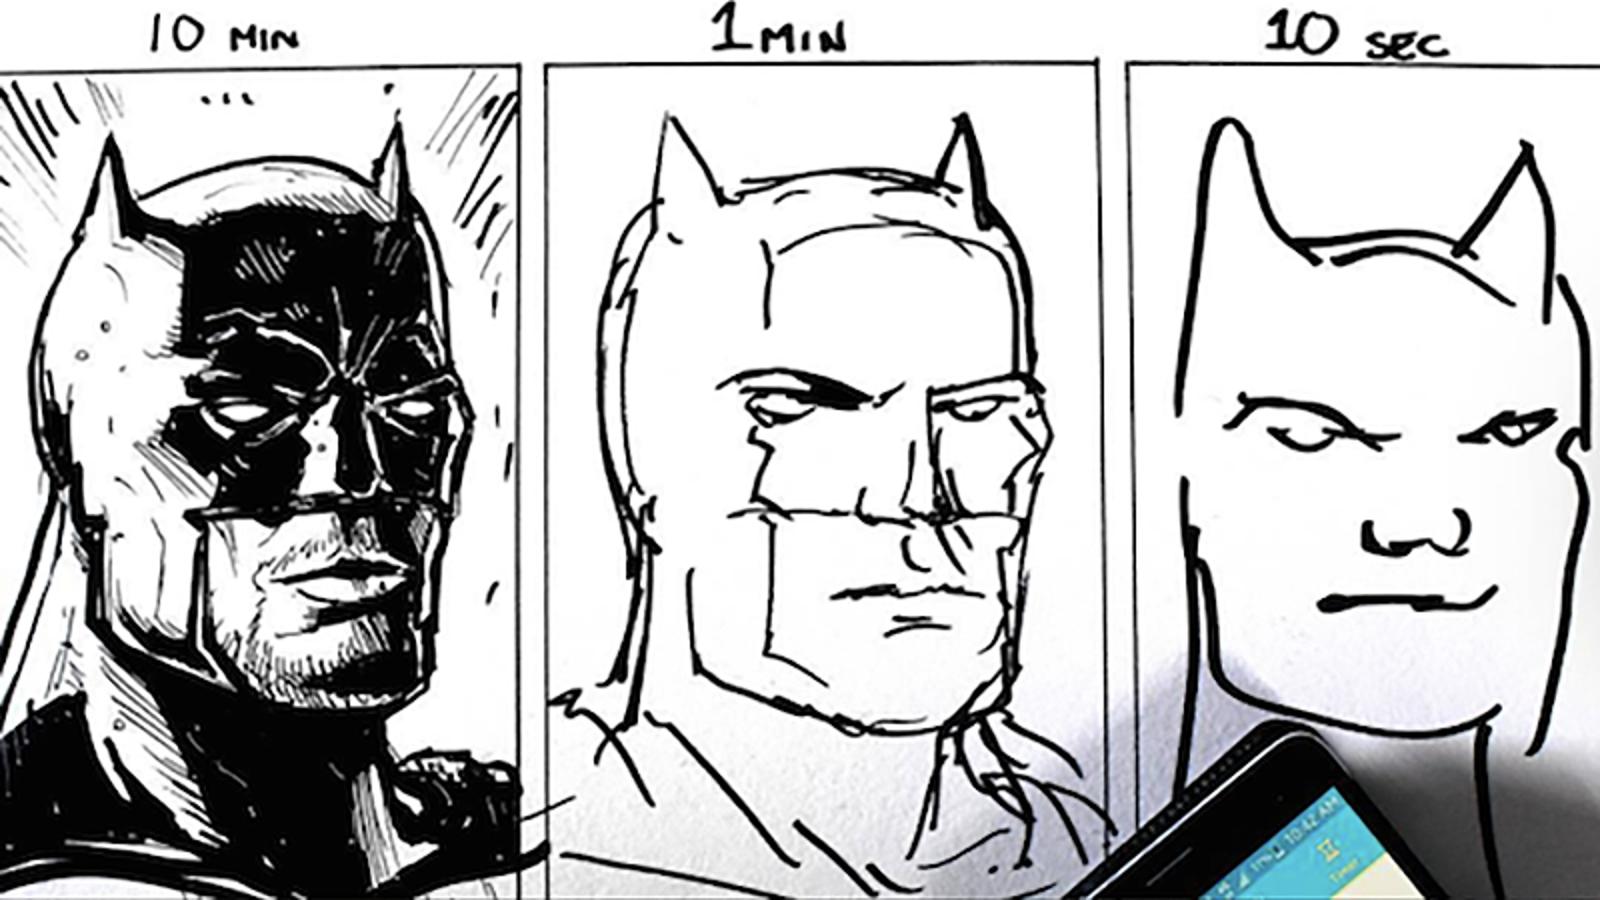 Tres artistas aceptan el reto de dibujar el mismo motivo en 10 minutos, un minuto y 10 segundos